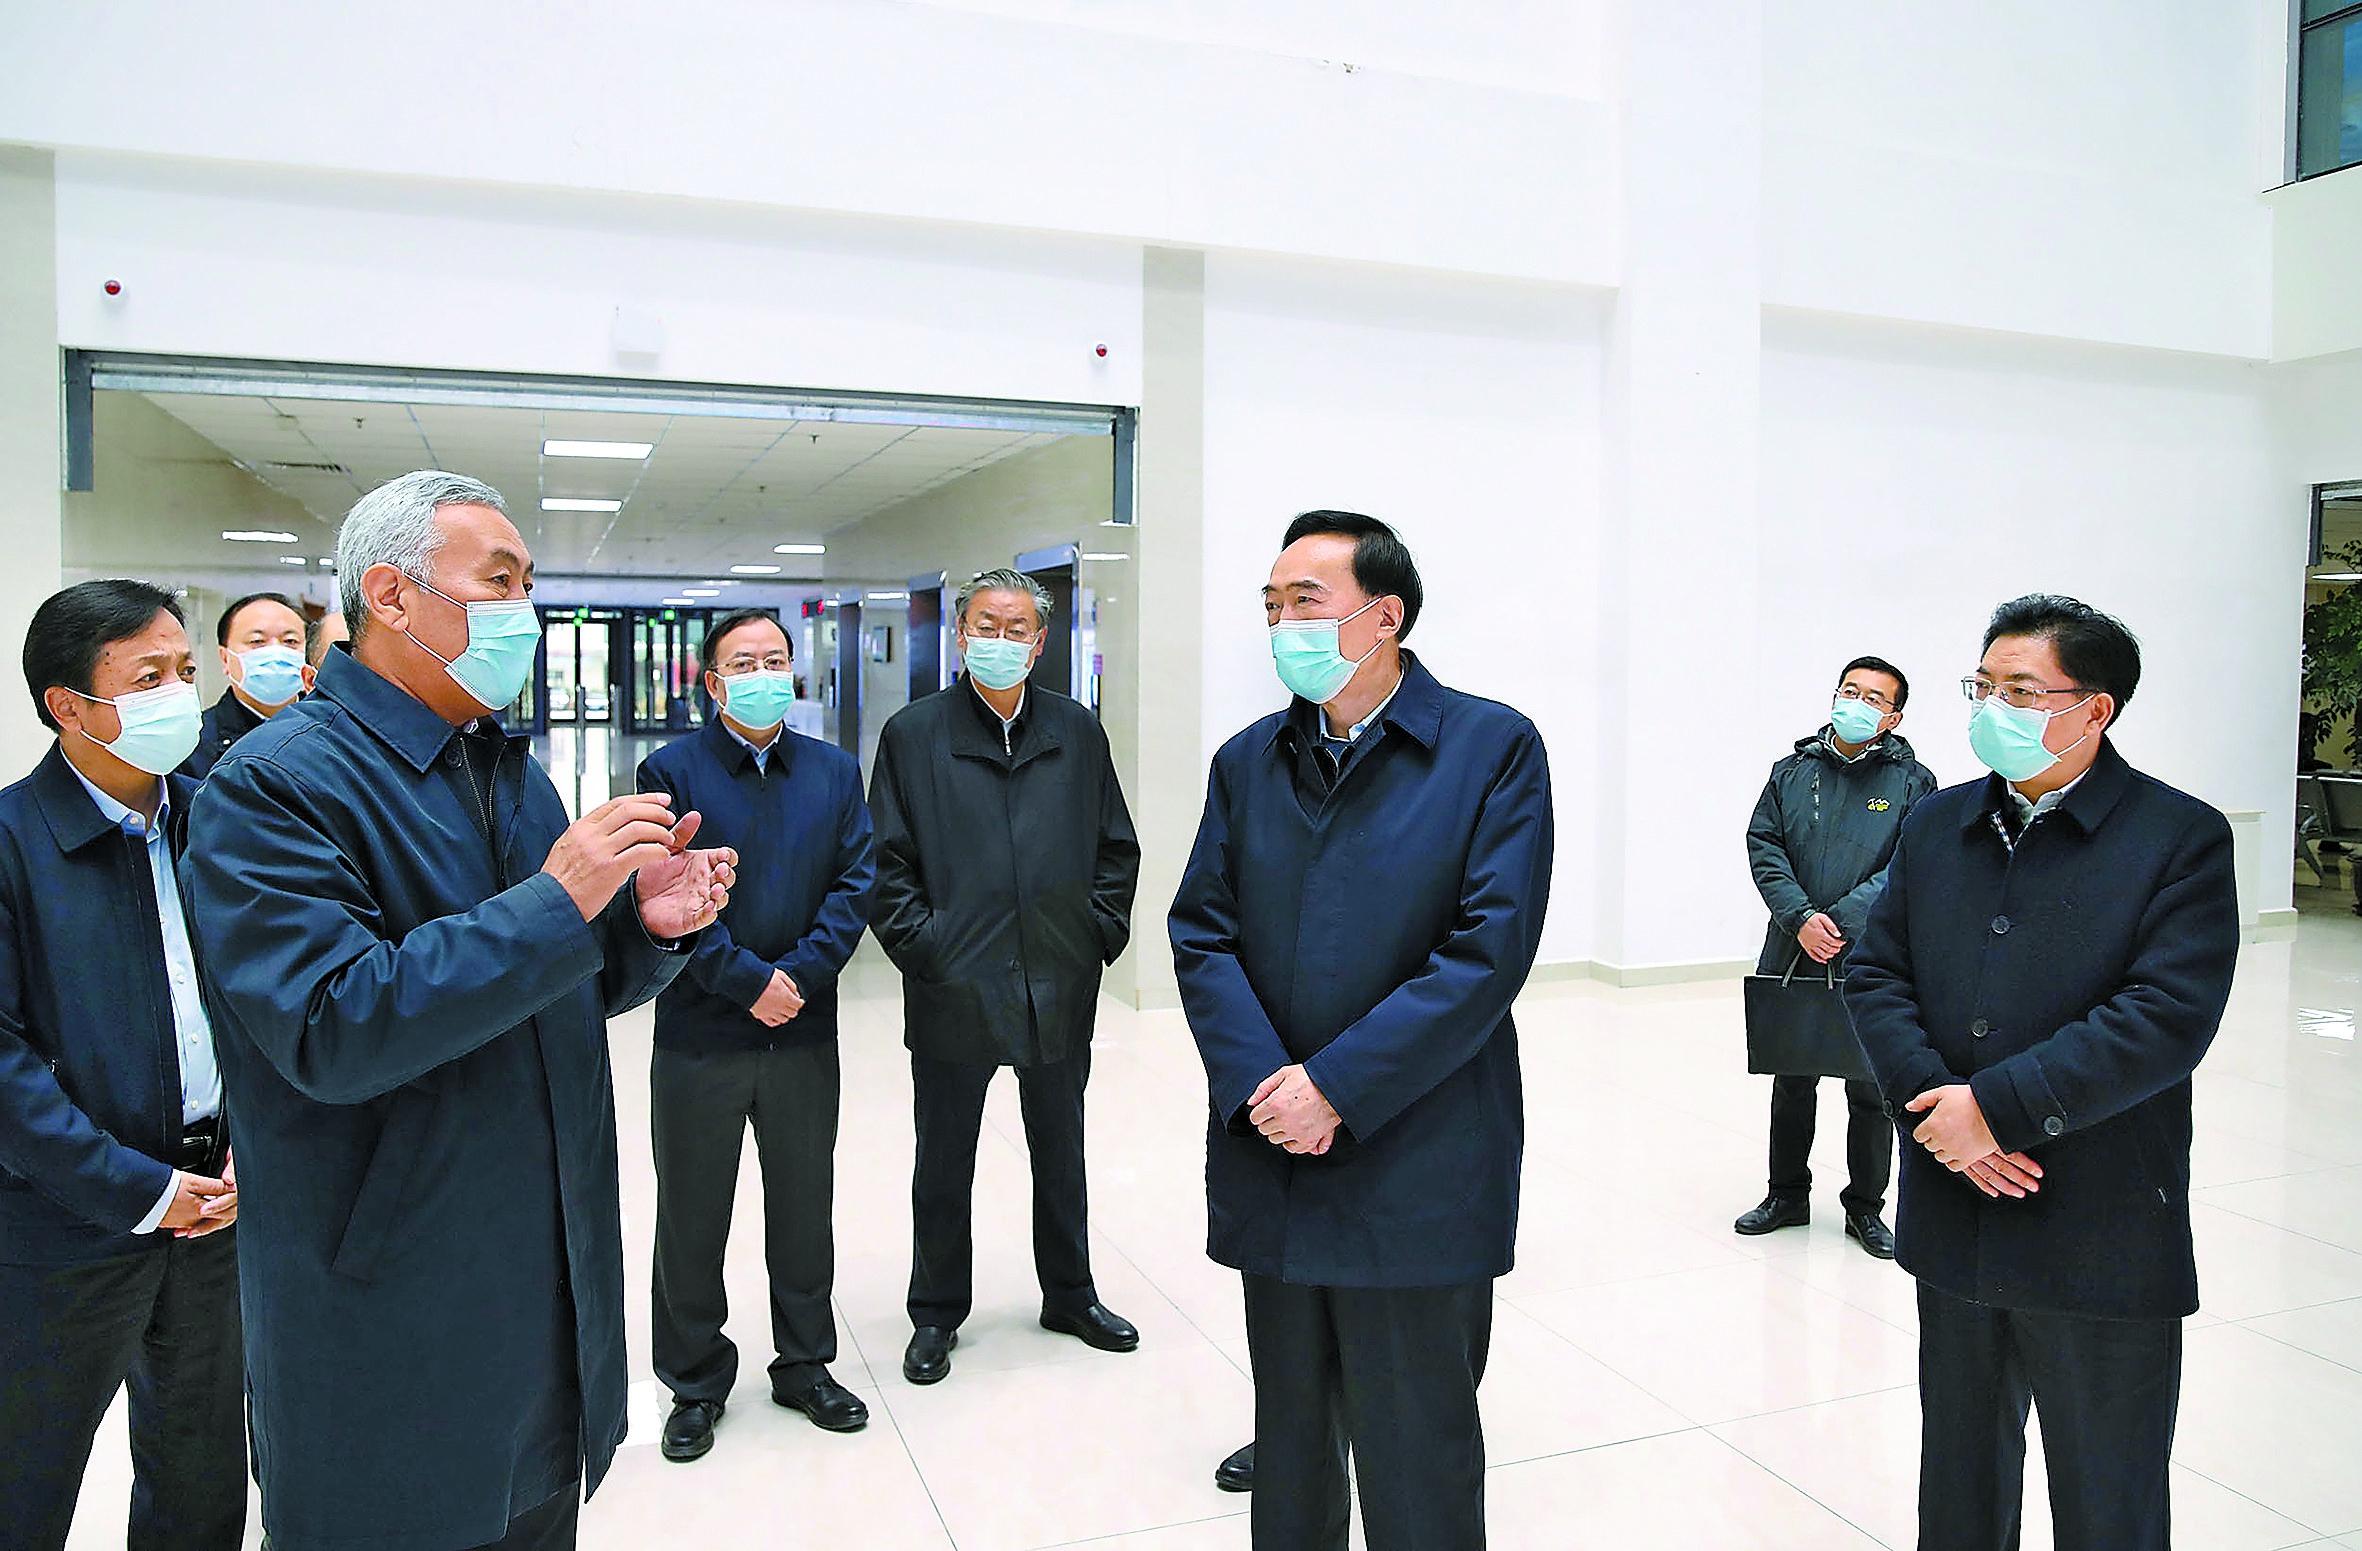 小天晨报:喀什新增137例新冠肺炎无症状感染者;南疆四地州:逾二百农村幸福大院投用